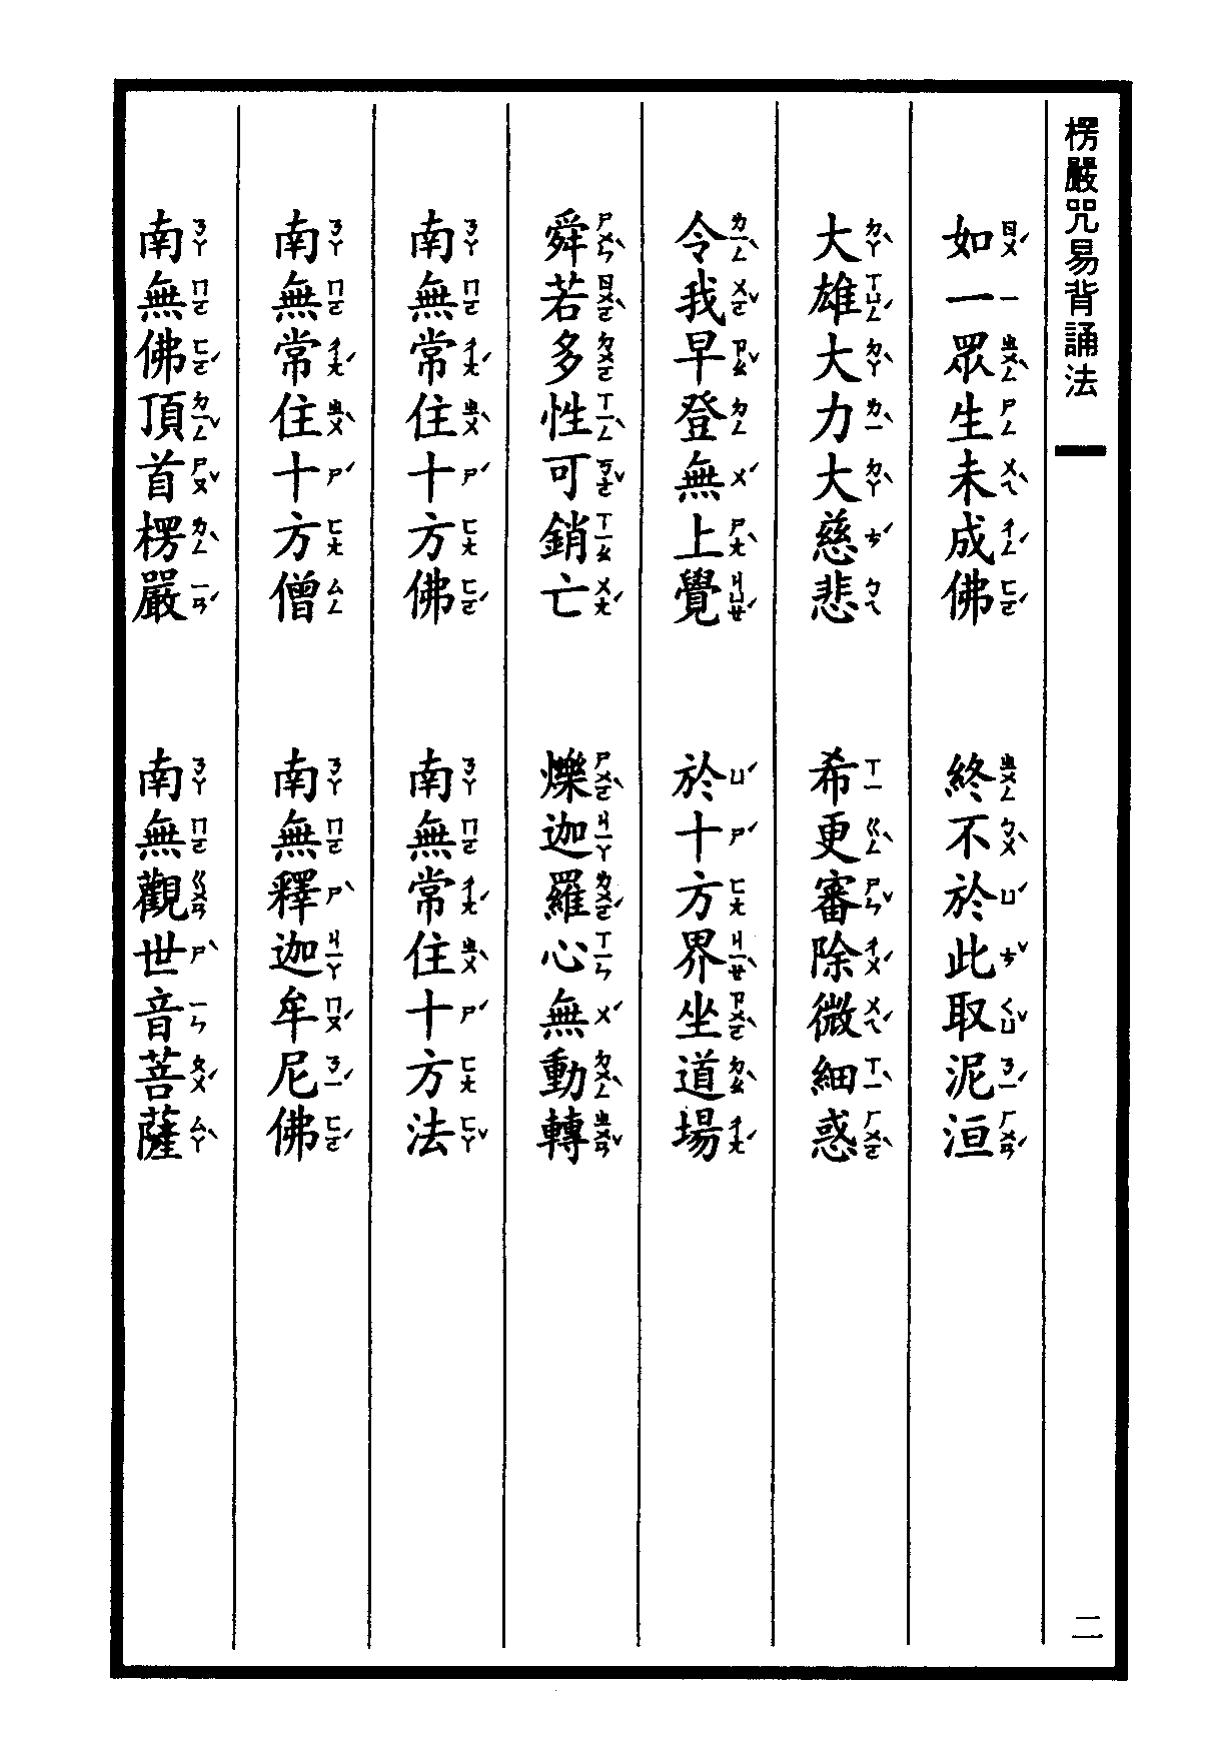 楞嚴咒-大悲咒-十小咒-易背本 8.png